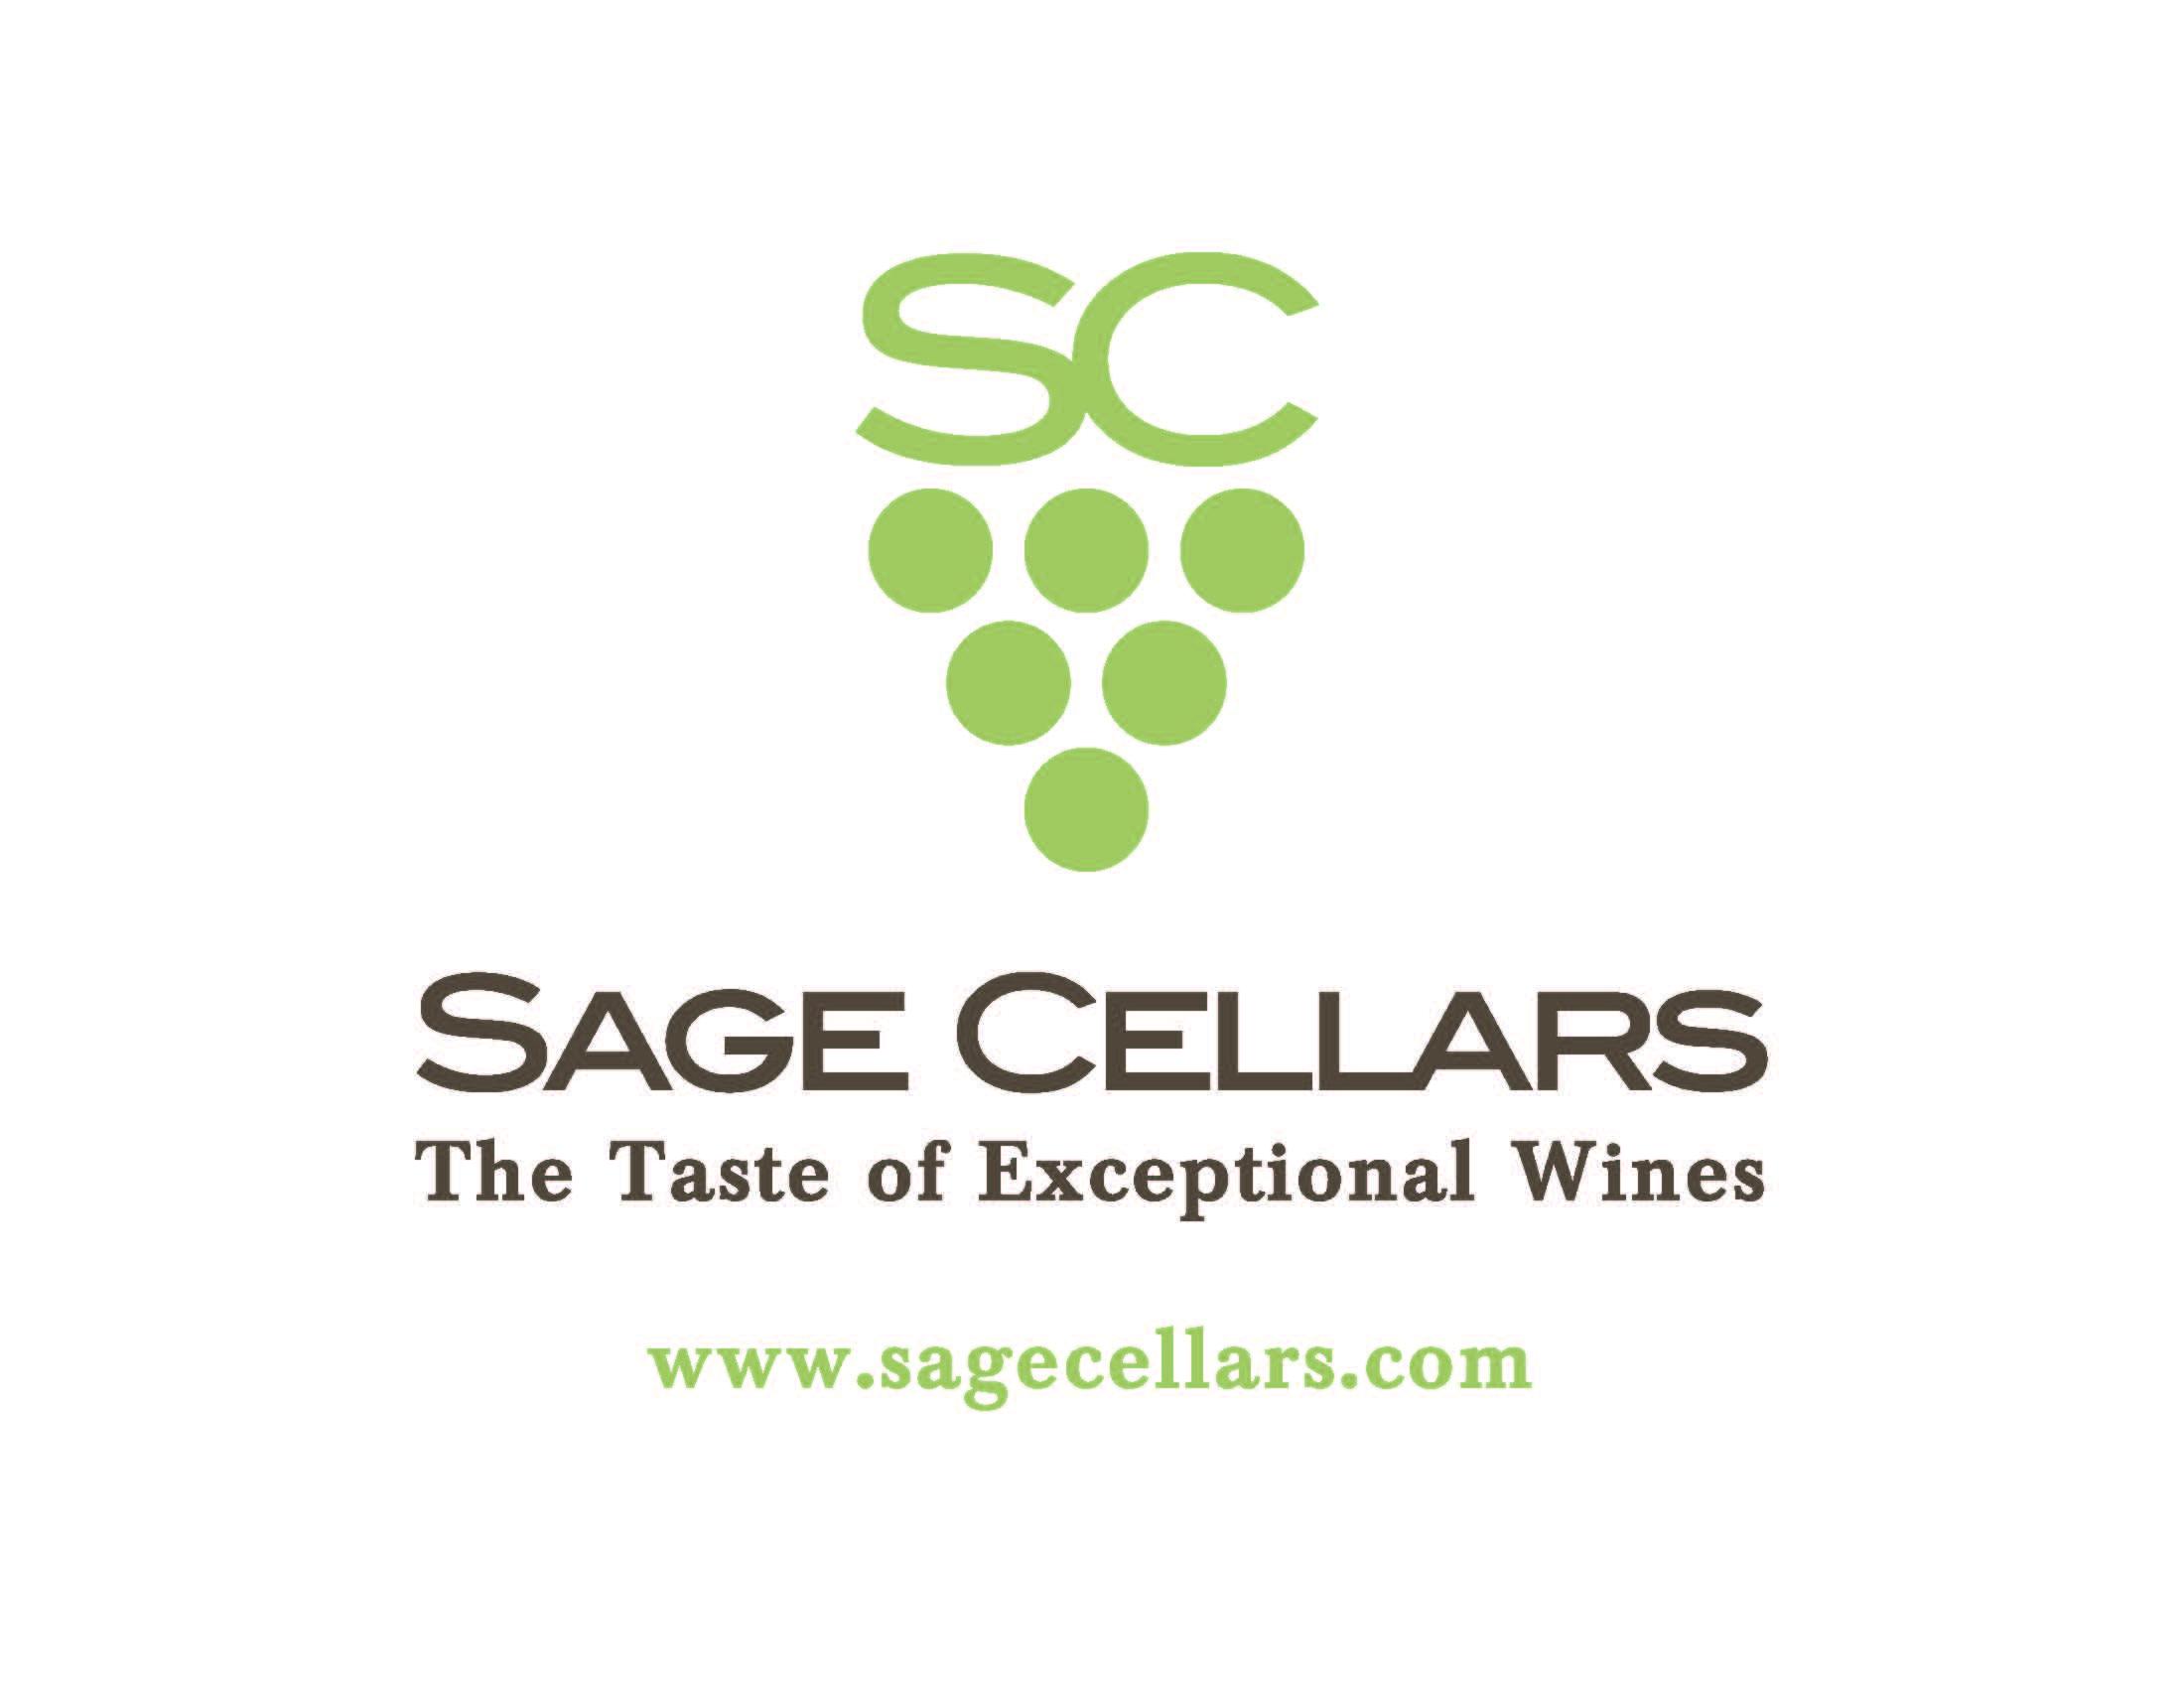 Sage Cellars